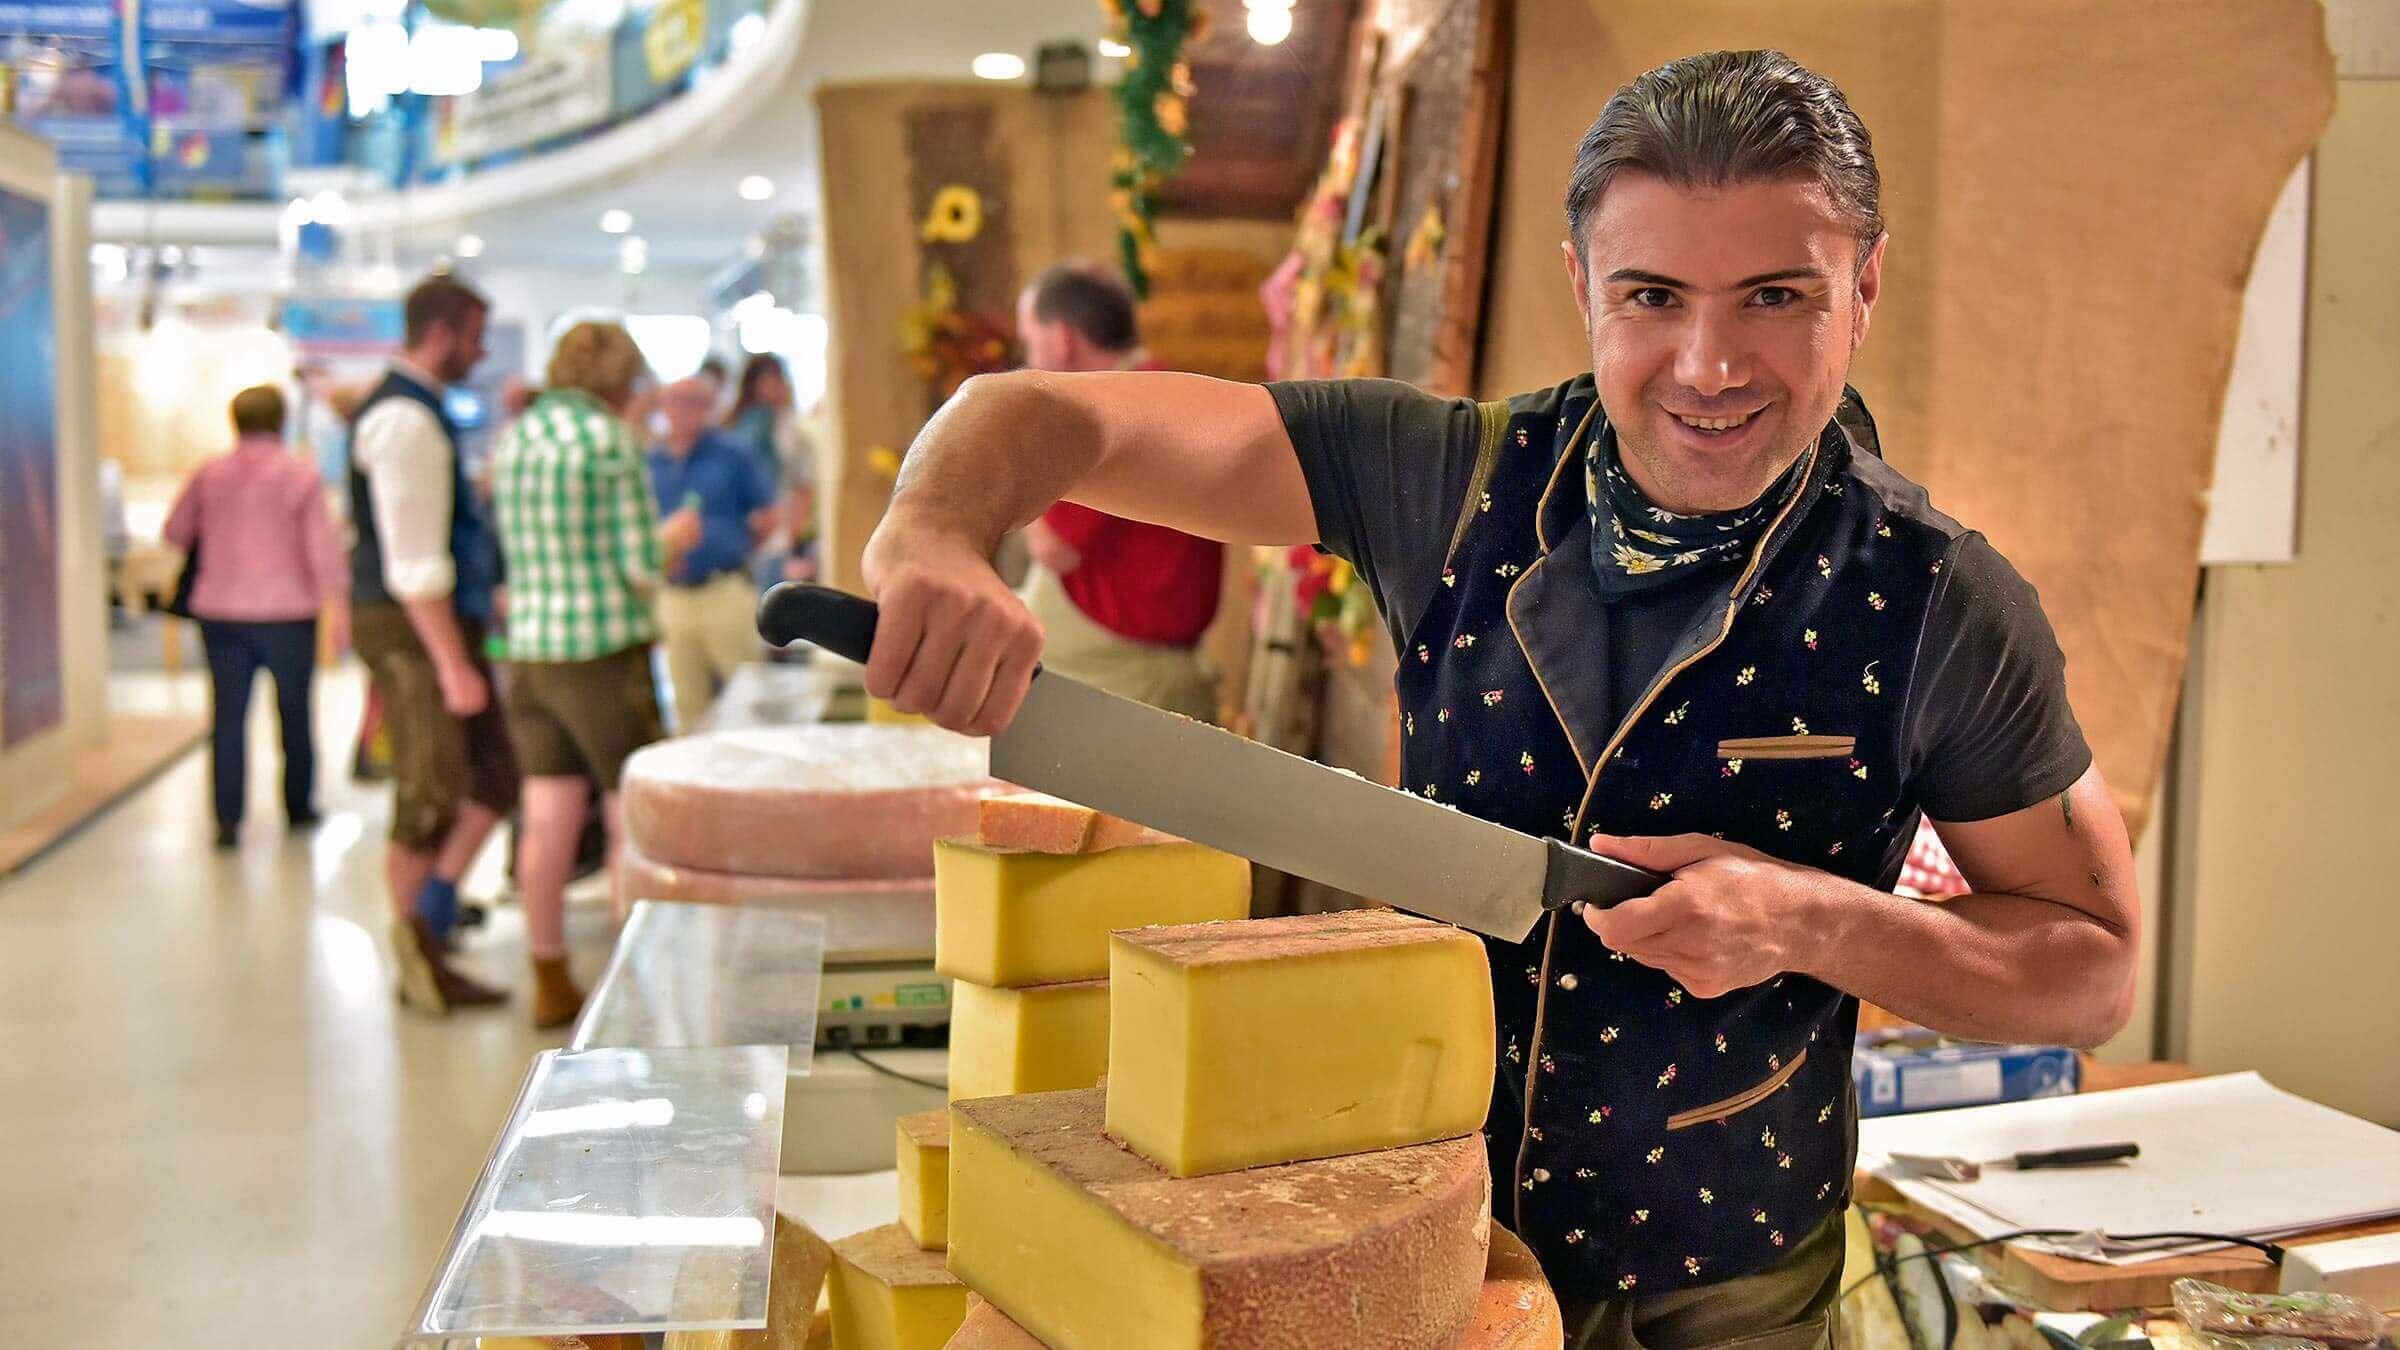 Ein in die Kamera lächelnder Mann schneidet Käse